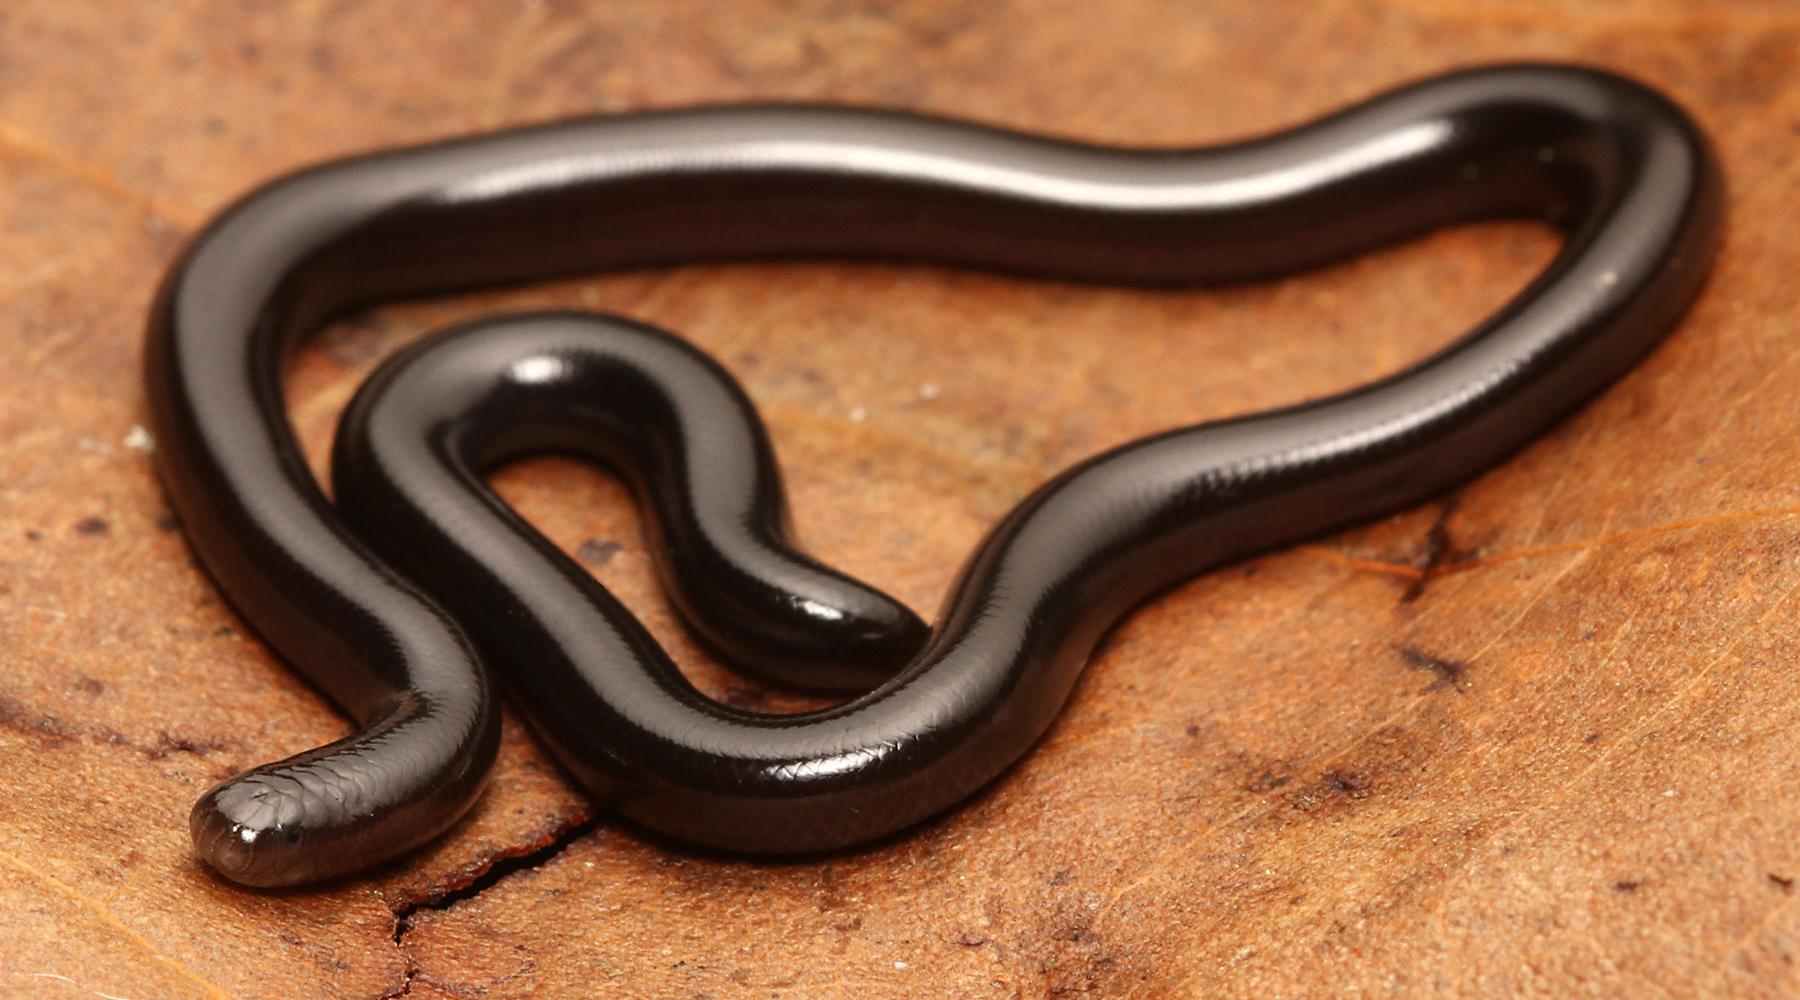 Герпетологи не смогли найти фотографии 781 вида змей